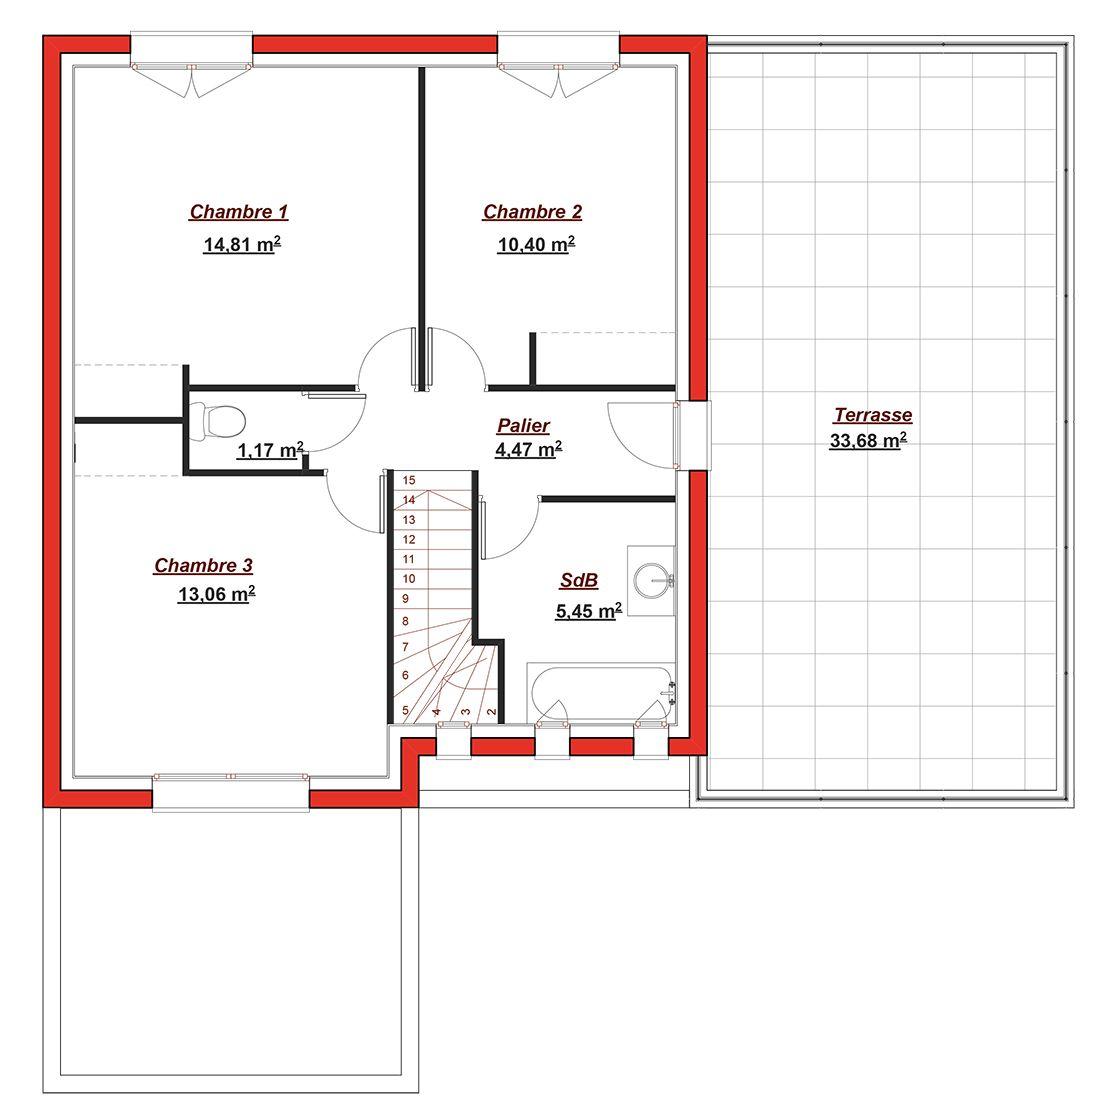 Modèle De Maison Tertre 145 Présenté Sur ConstruireSaMaison.com